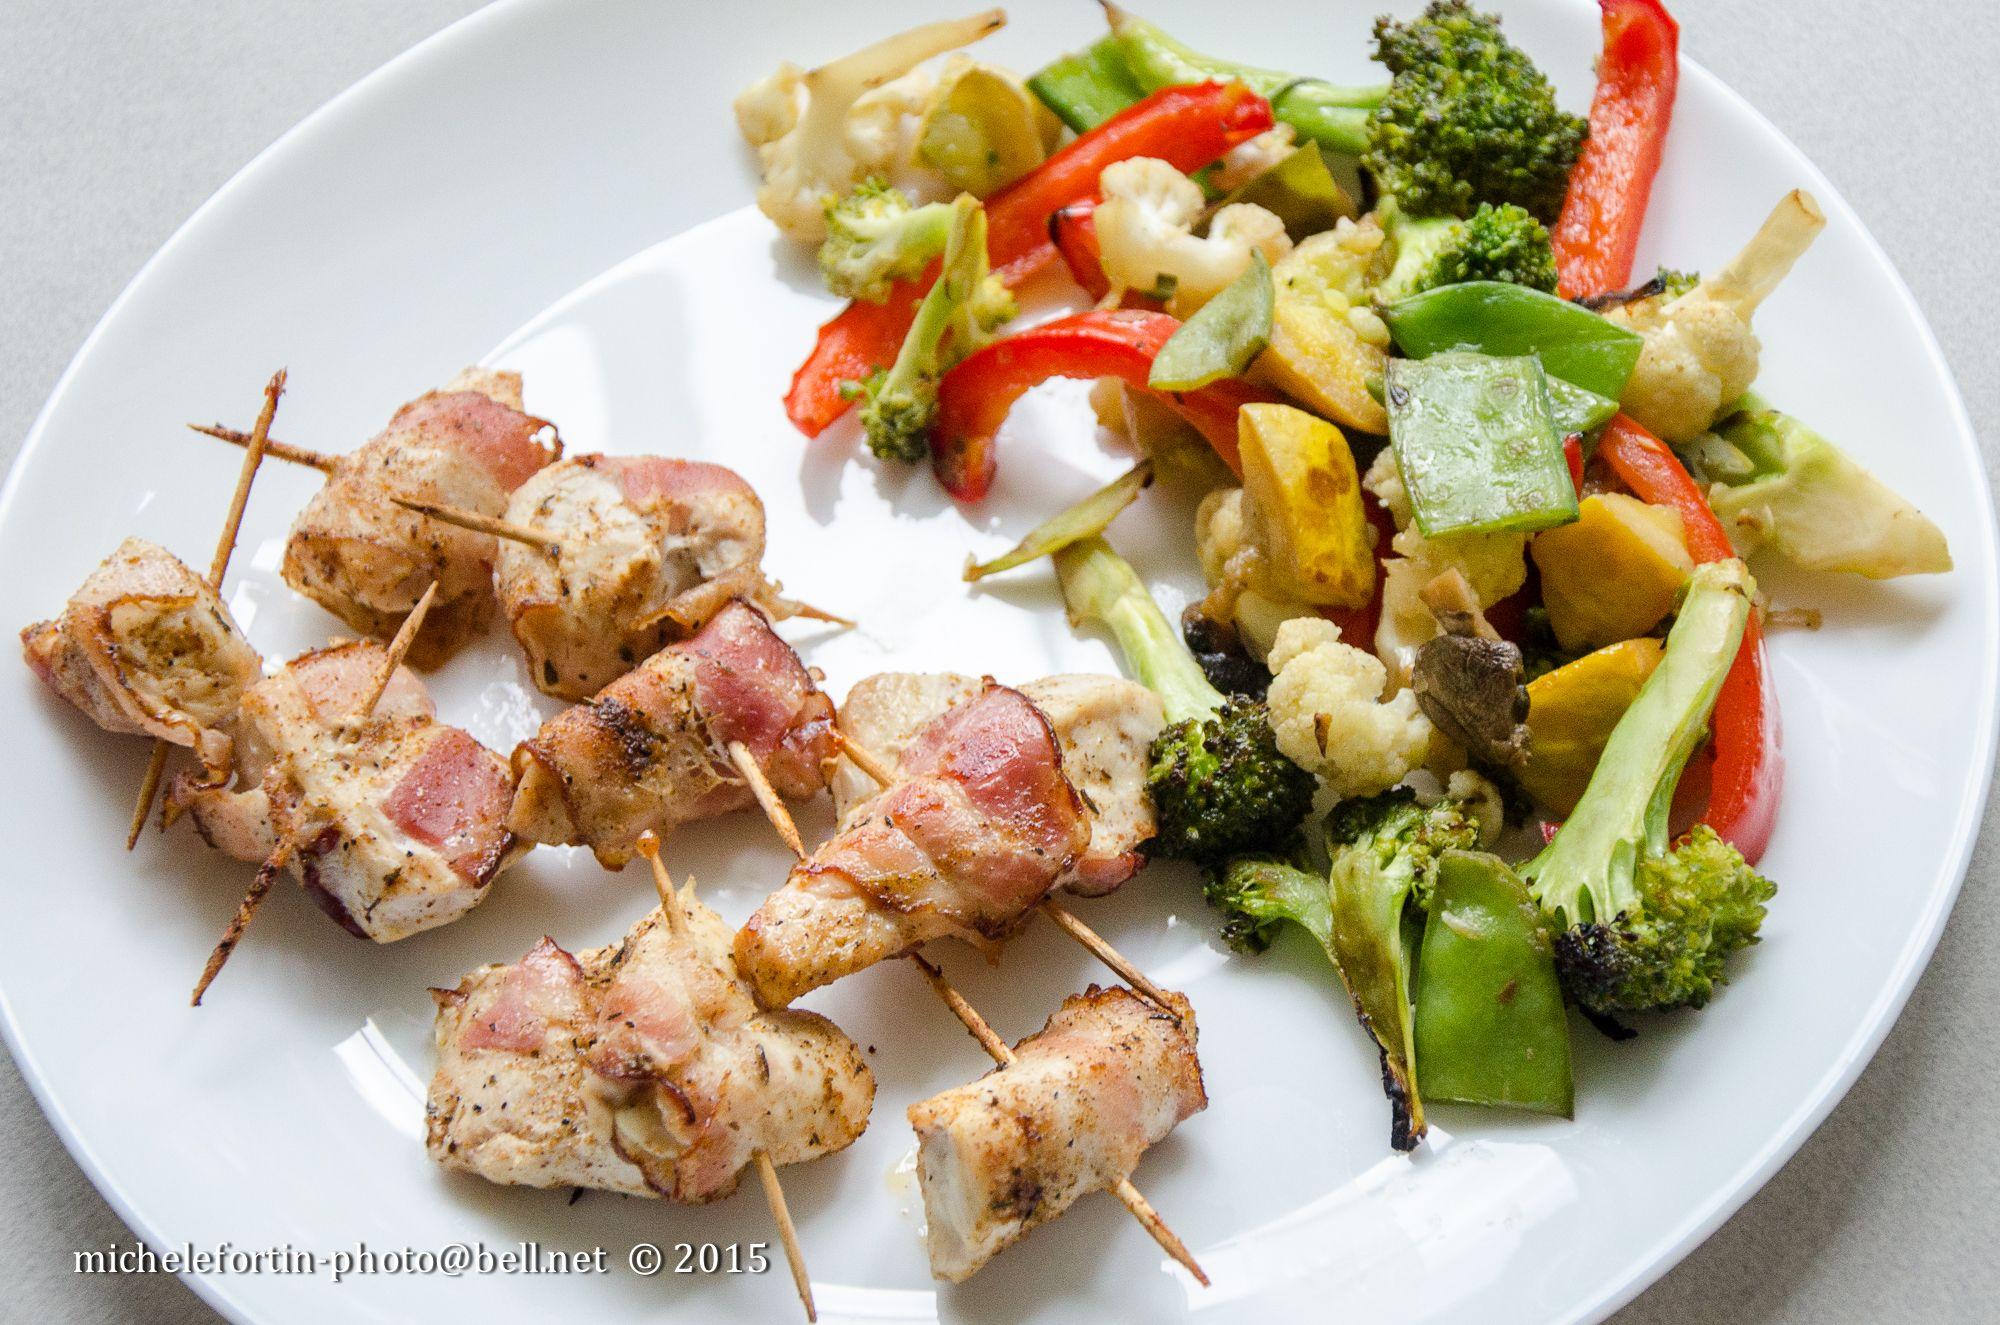 Bouchées de poulet au bacon cajun et Légumes grillés au BBQ https://www.facebook.com/MicheleFortin.photo/photos/a.1411876315758433.1073741825.1411858929093505/1635607863385276/?type=3&theater